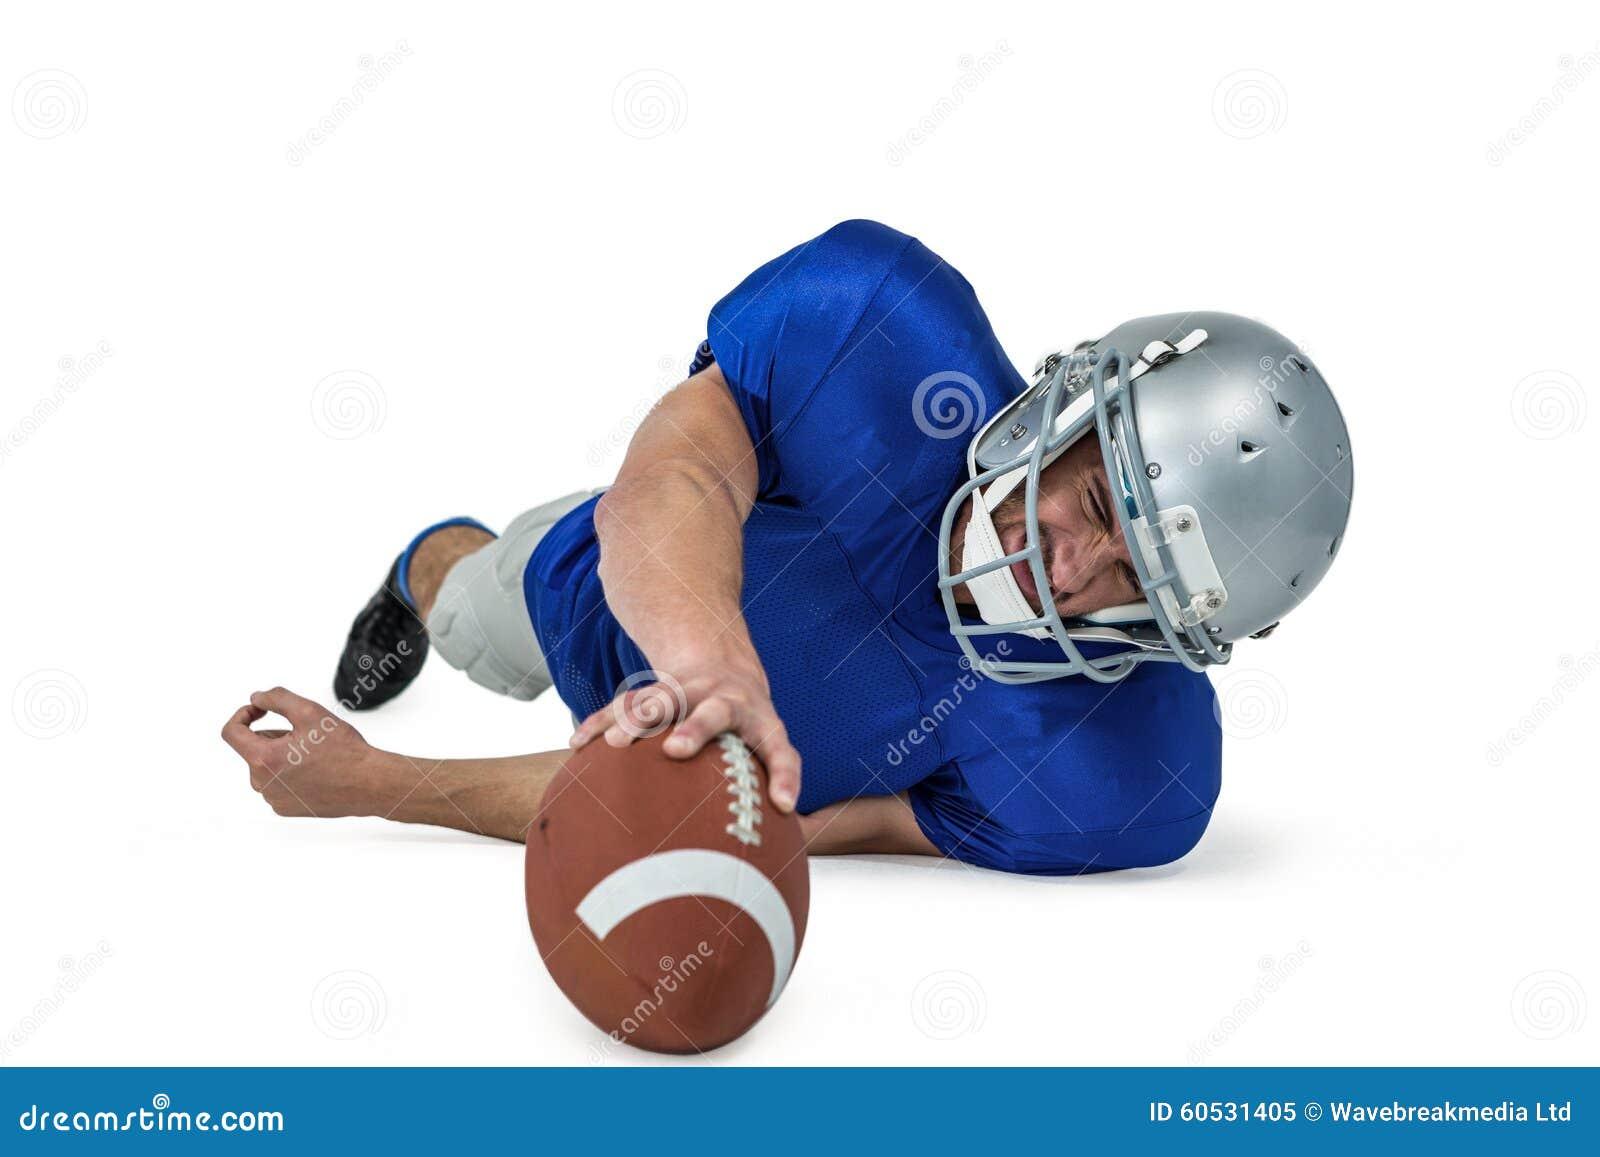 Joueur de football américain luttant pour attraper la boule